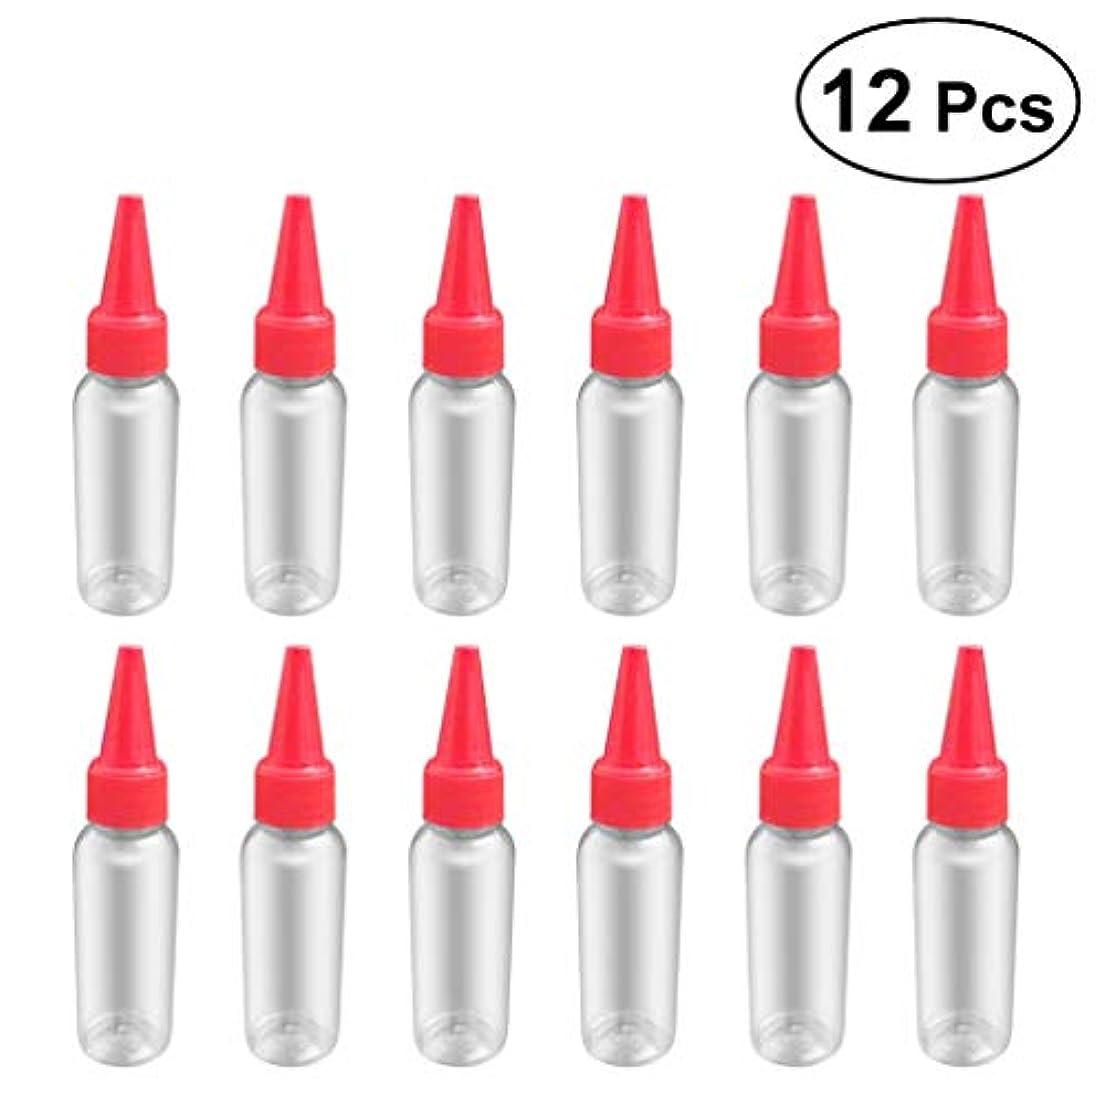 潜在的なコック謙虚SUPVOX 12ピース プラスチック アプリケーターボトル スクイズフロー デザイン チップキャップ 空ボトル 用液体 オイルグルー ディスペンサー ヘアカラー 40ml(赤)